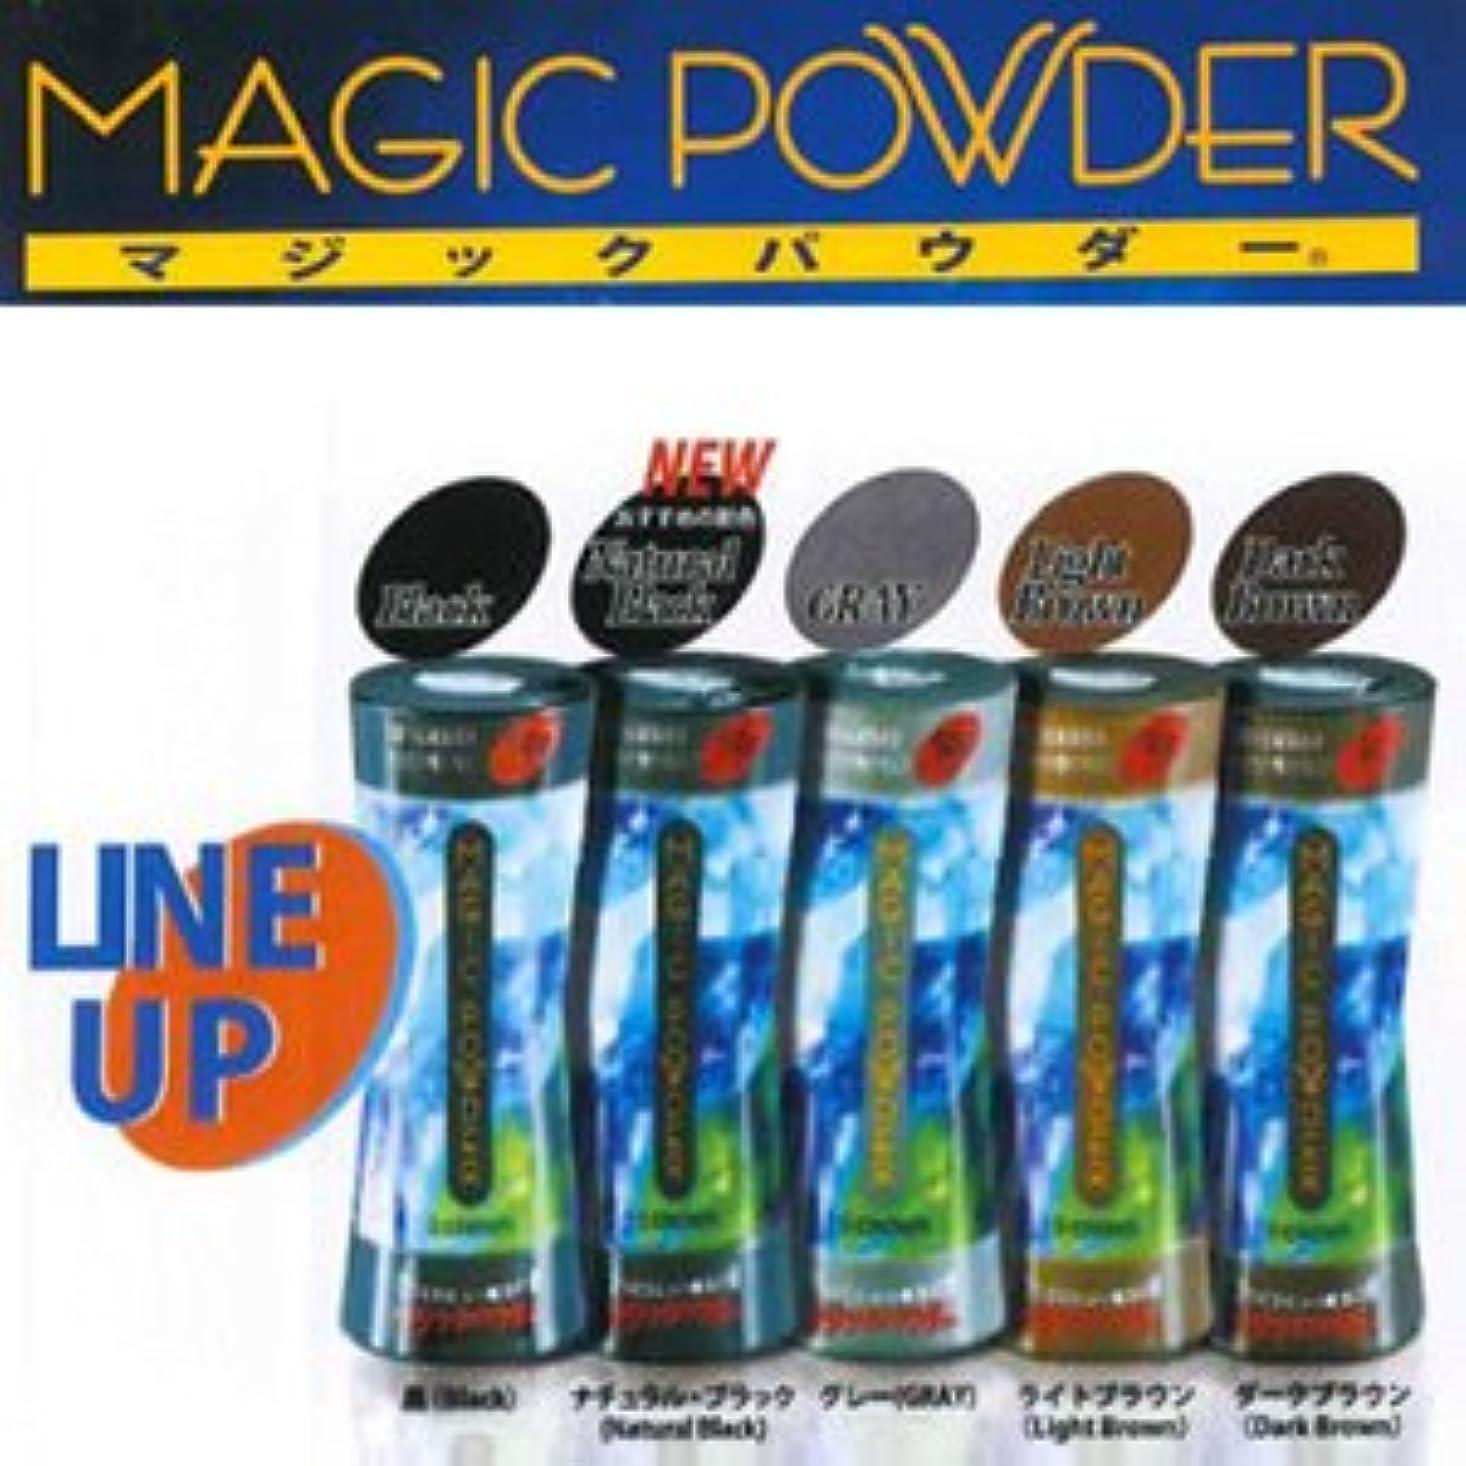 おとなしい非難と闘うMAGIC POWDER マジックパウダー ブラック 50g  ※貴方の髪を簡単ボリュームアップ!